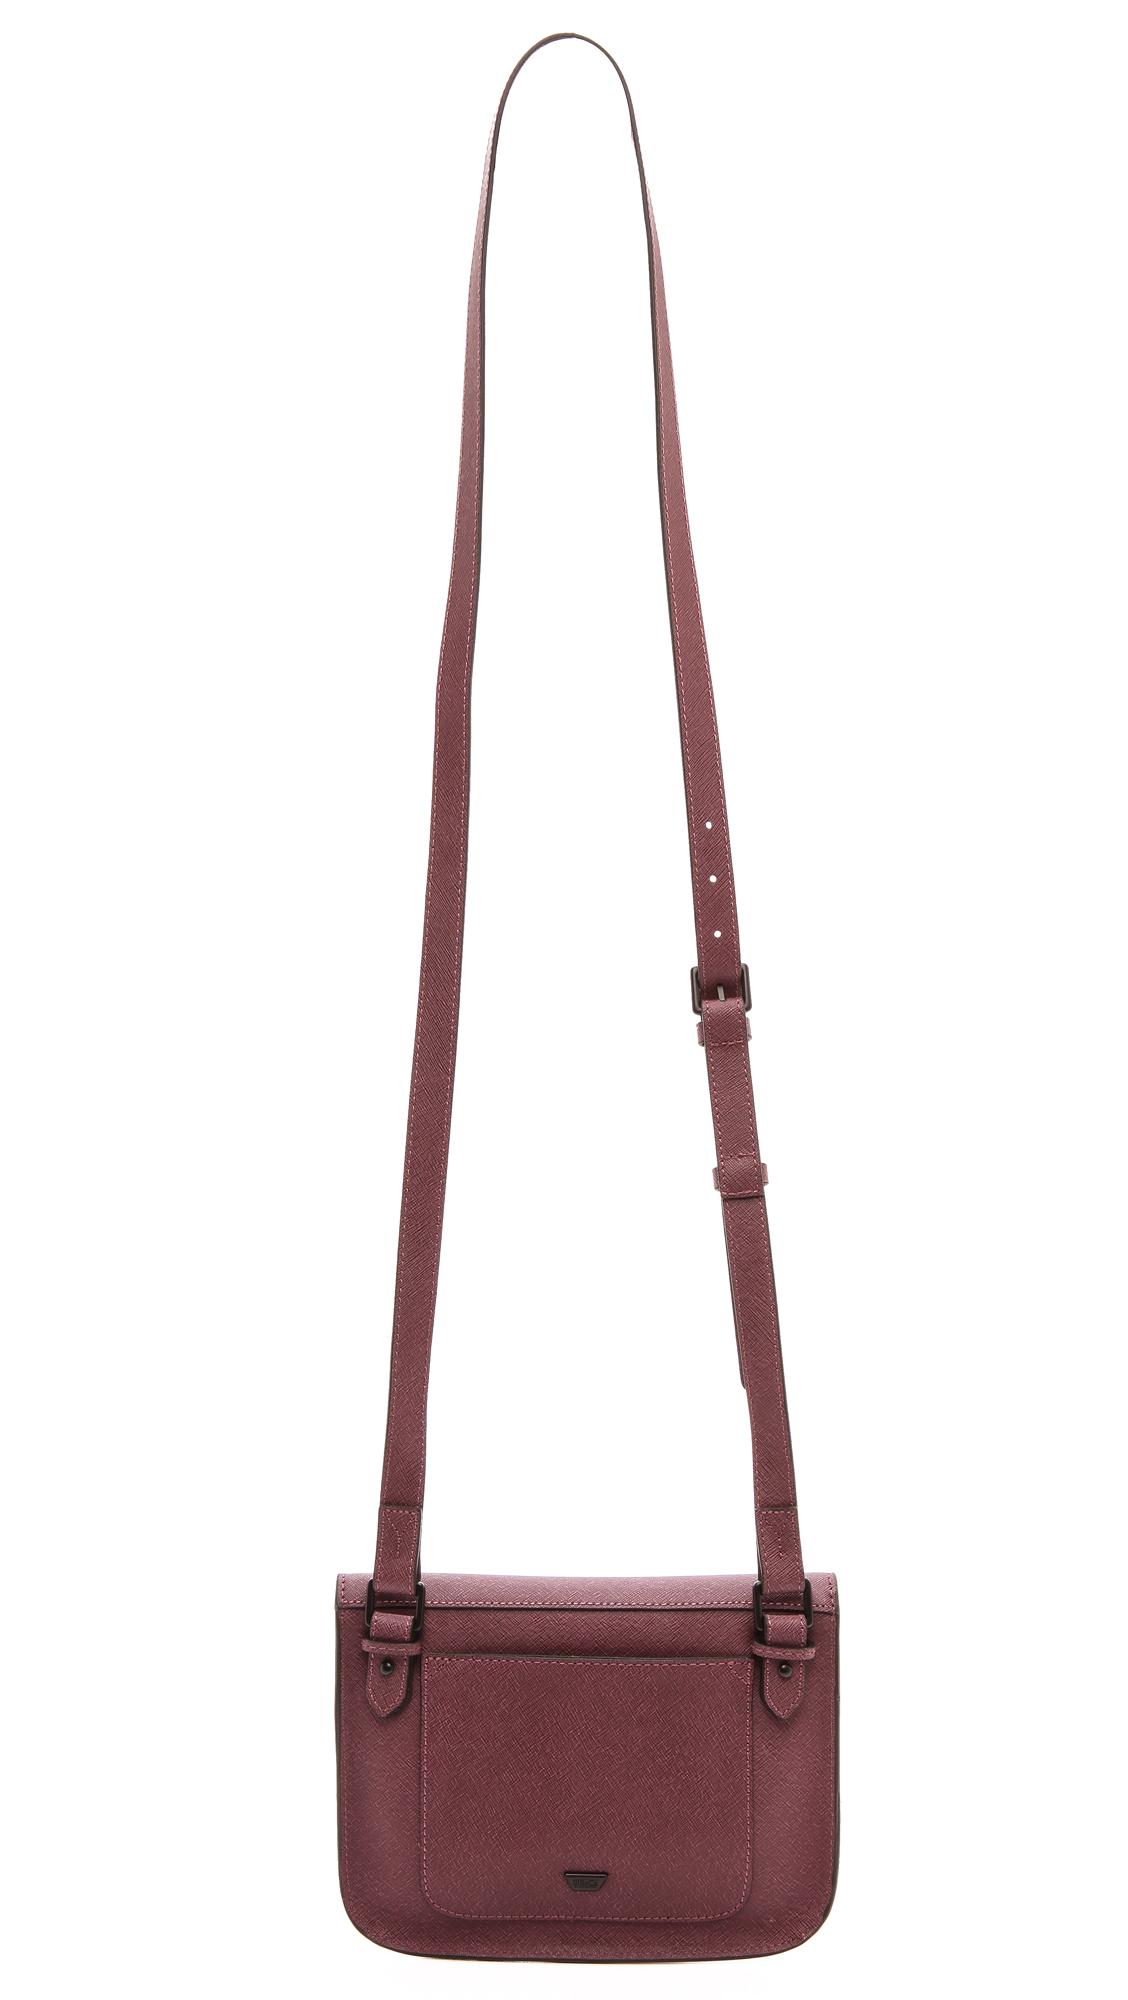 IIIBeCa by Joy Gryson Church Street Cross Body Bag - Black in Berry (Purple)